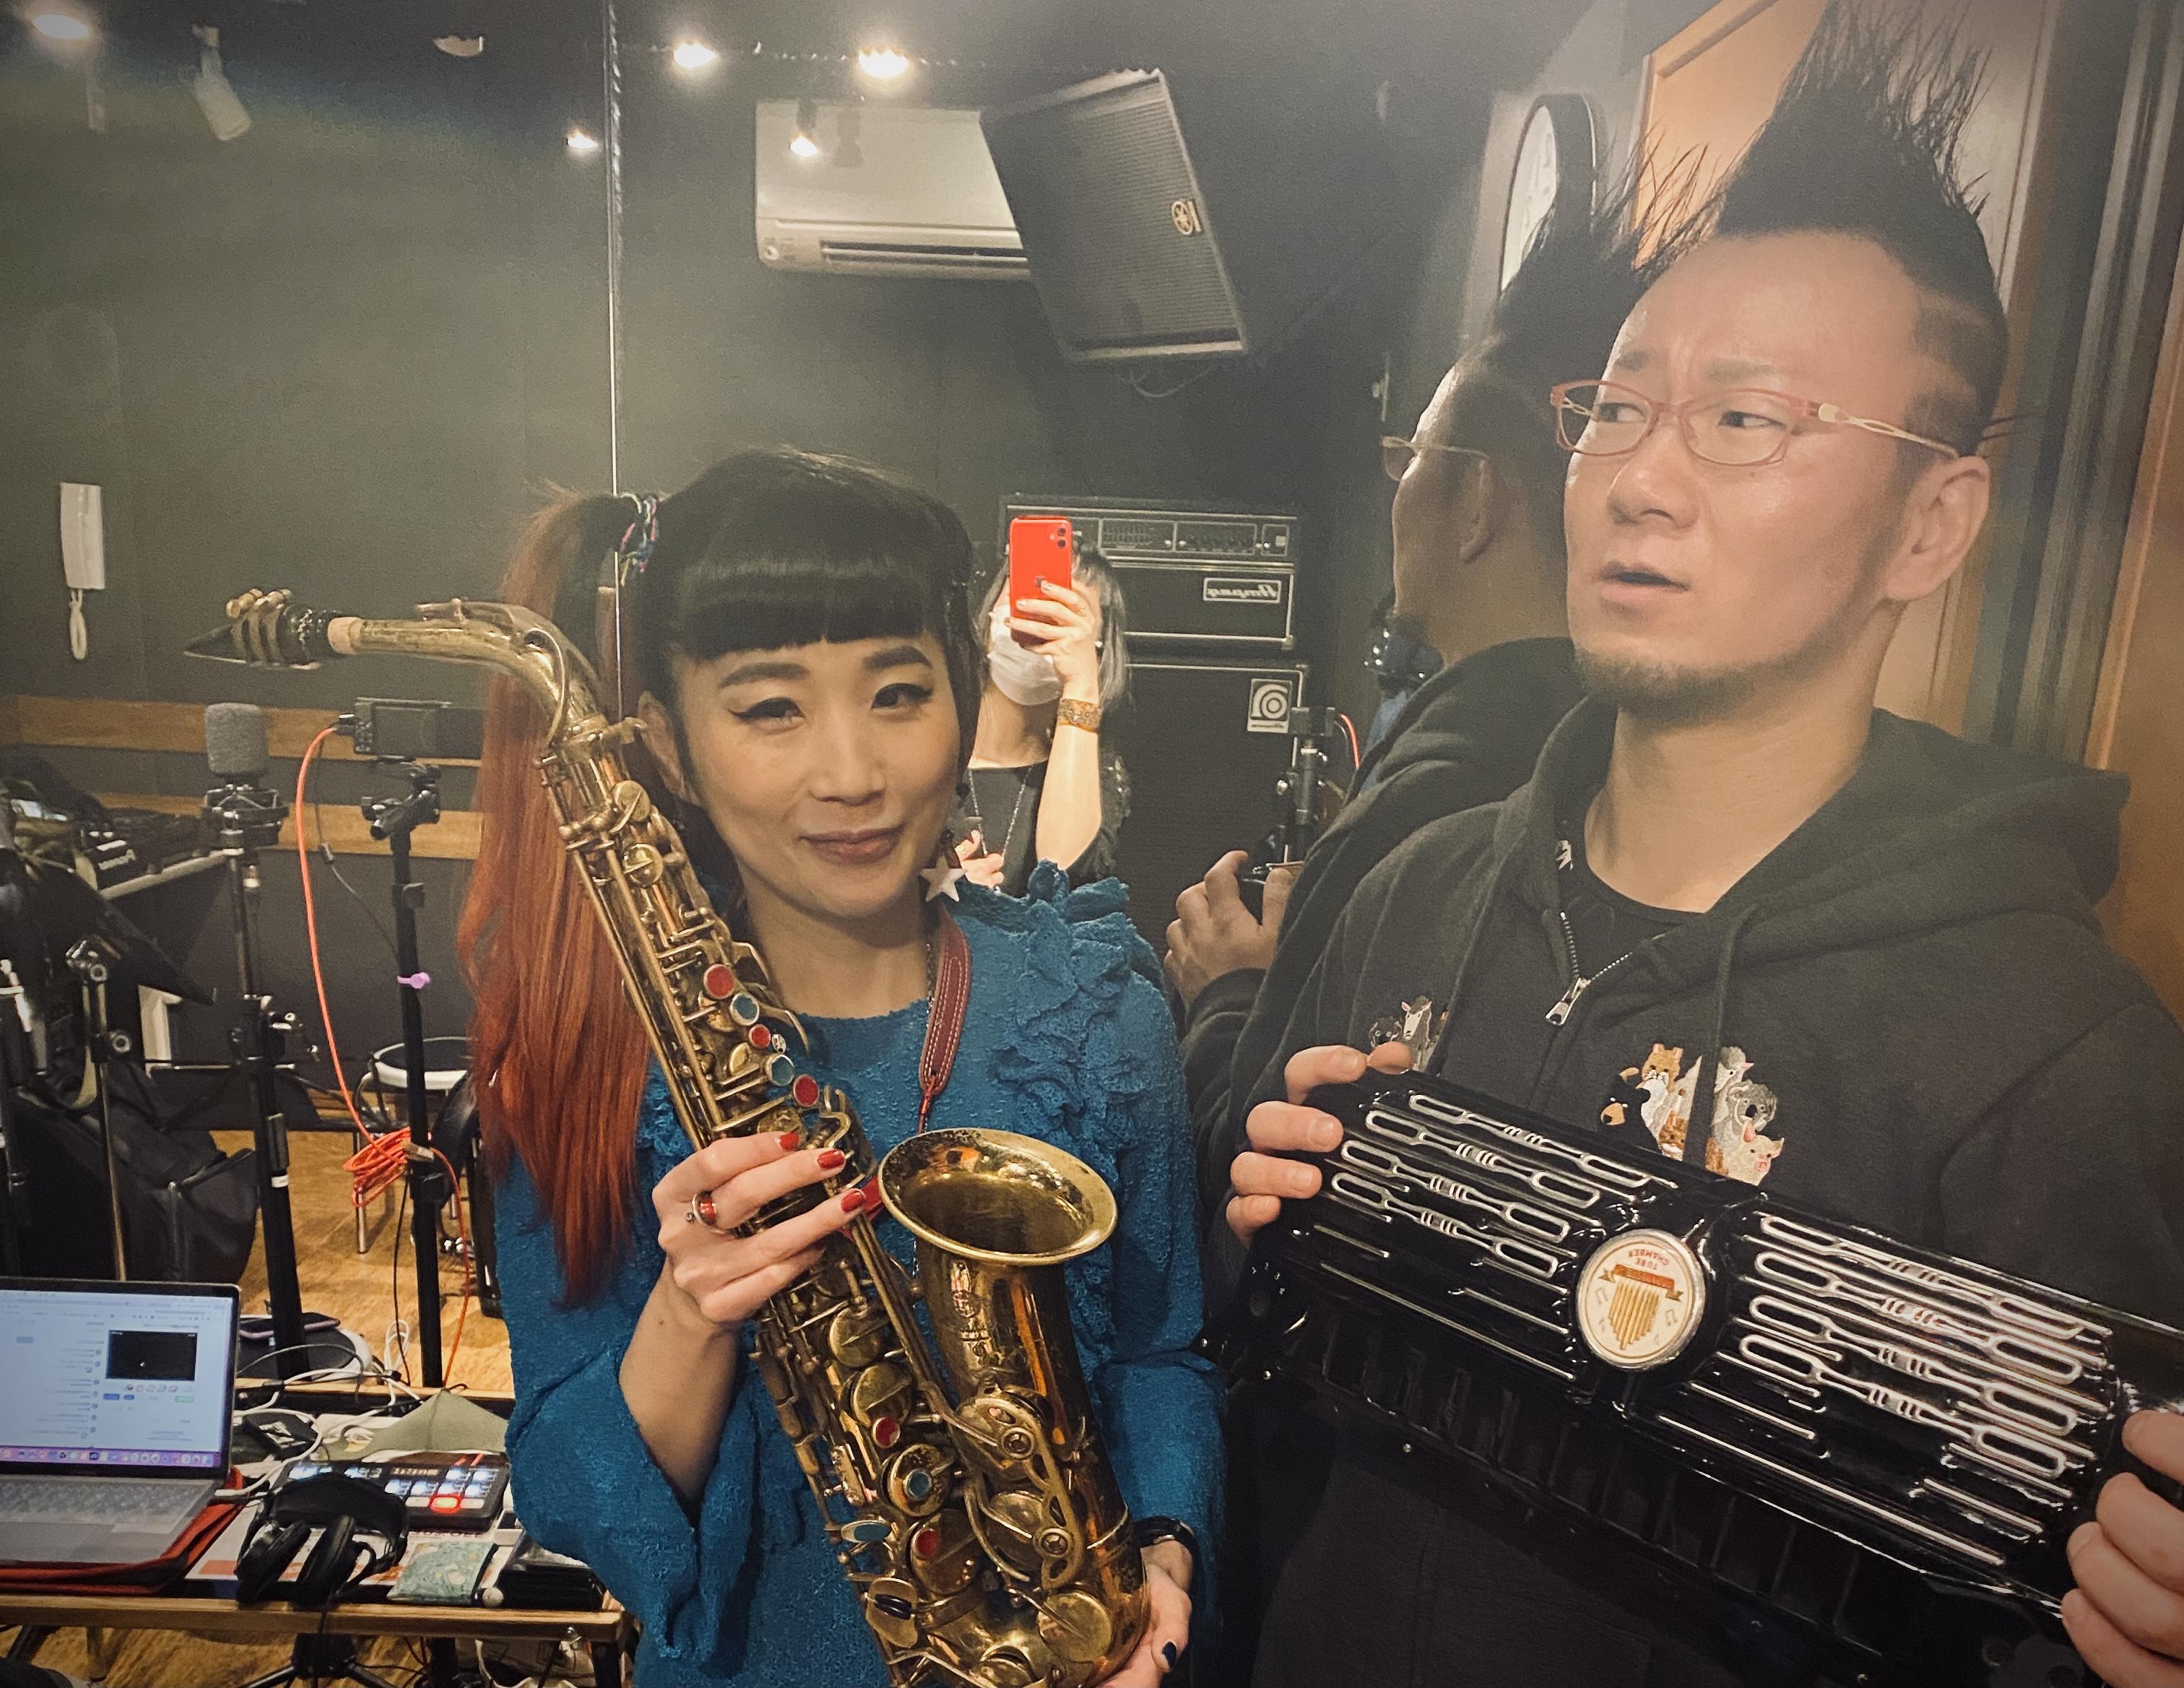 「3/7(日)岡村トモ子sax 都丸智栄acc duo@ロジウラのマタハリ」のアイキャッチ画像